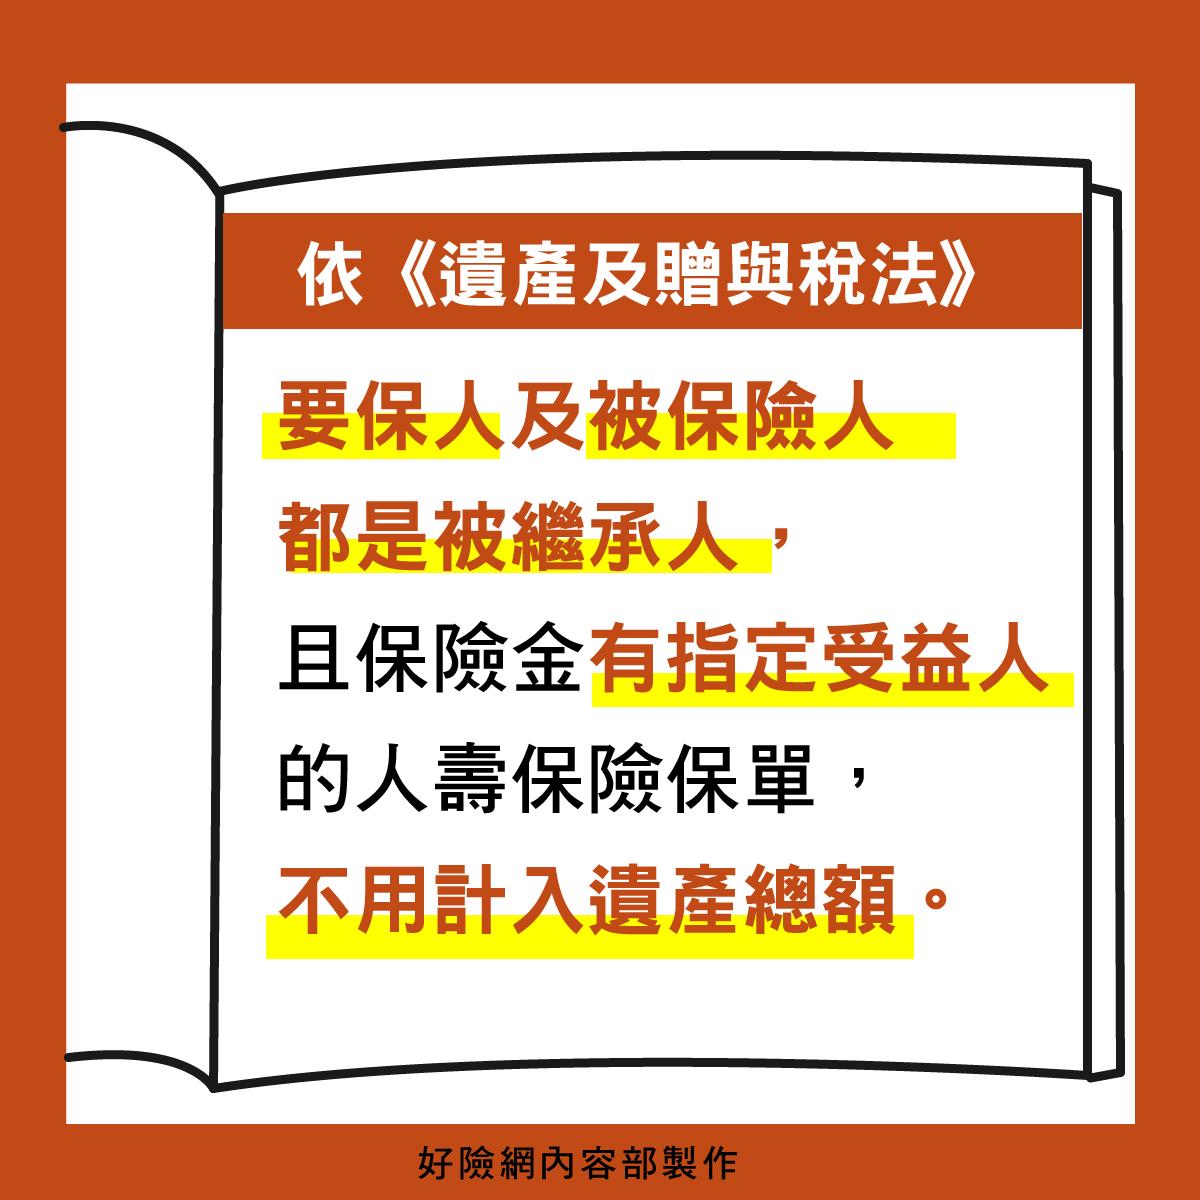 保單遺產稅法